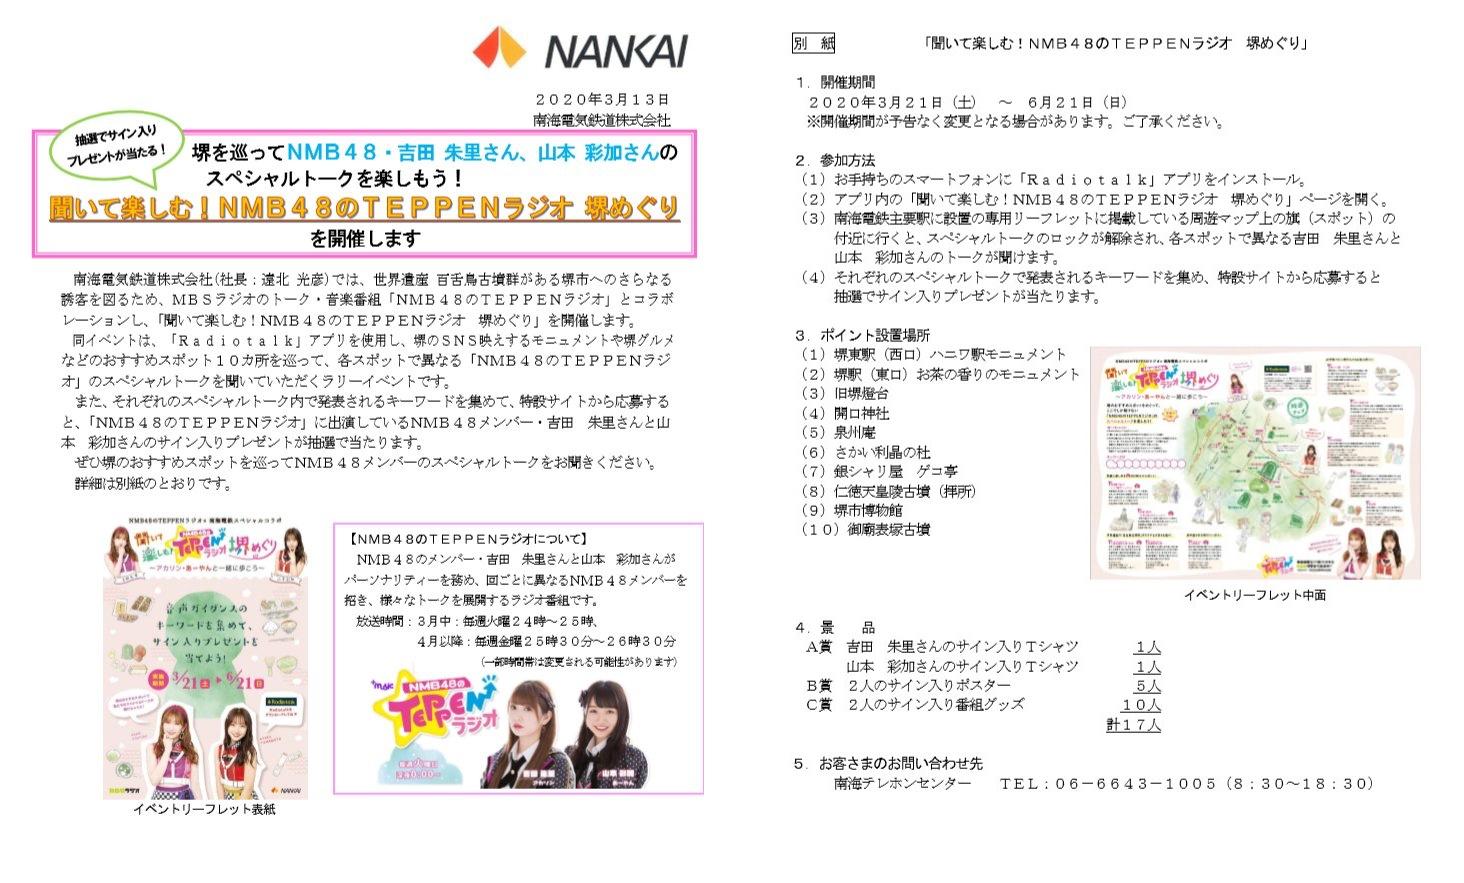 【NMB48】3月21日から南海とのコラボで「NMB48のTEPPENラジオ 堺めぐり」。